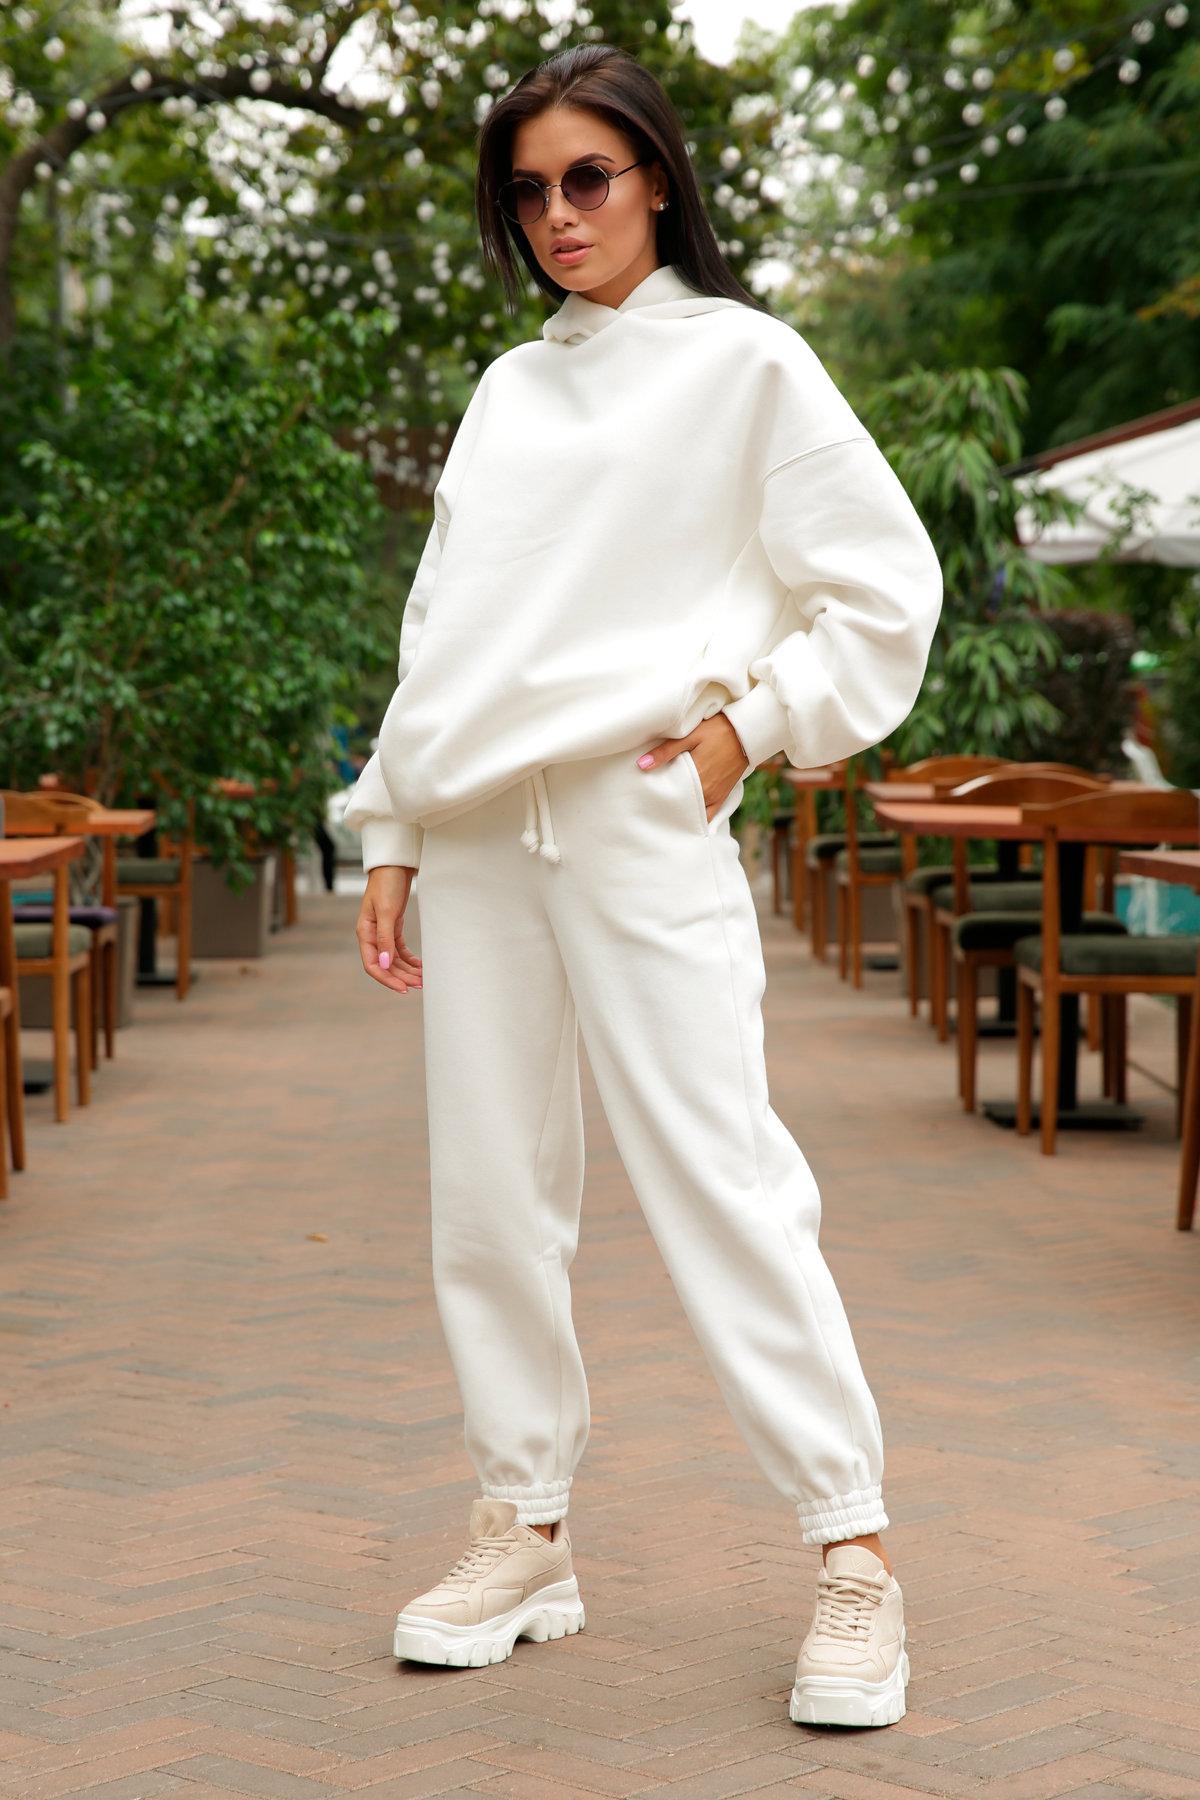 Марион костюм в  стиле Oversize  3х нитка 9651 АРТ. 46045 Цвет: Молоко - фото 5, интернет магазин tm-modus.ru